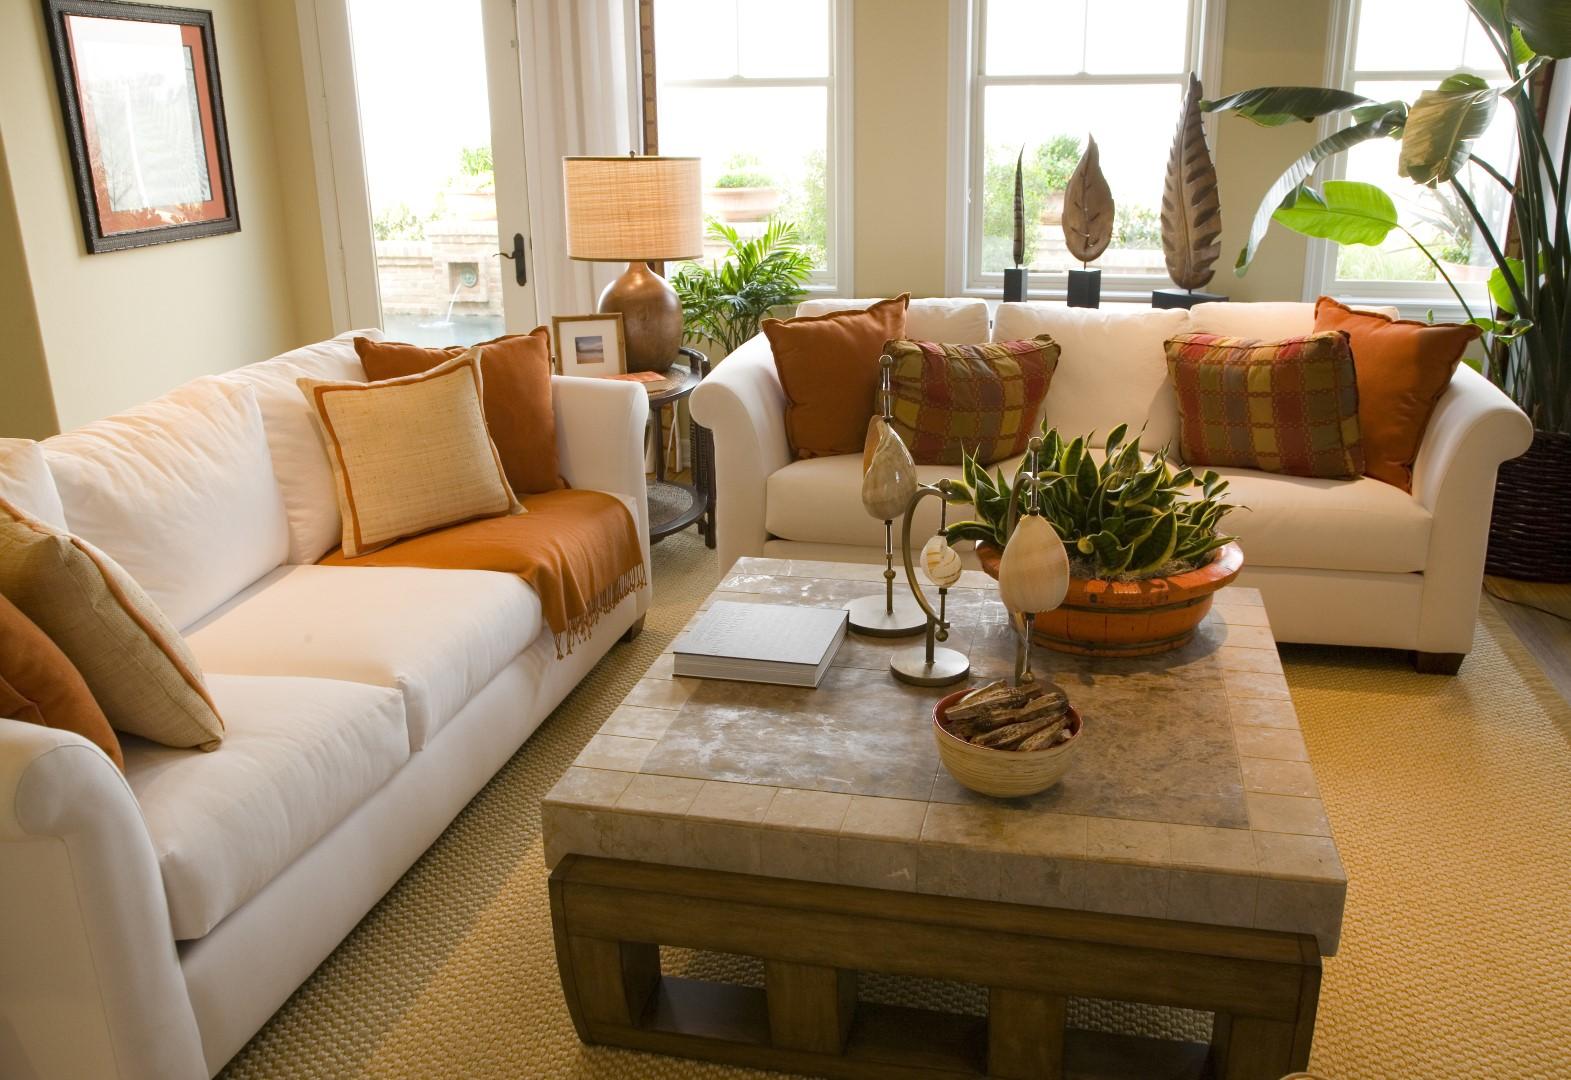 Obývací pokoj v přírodním duchu